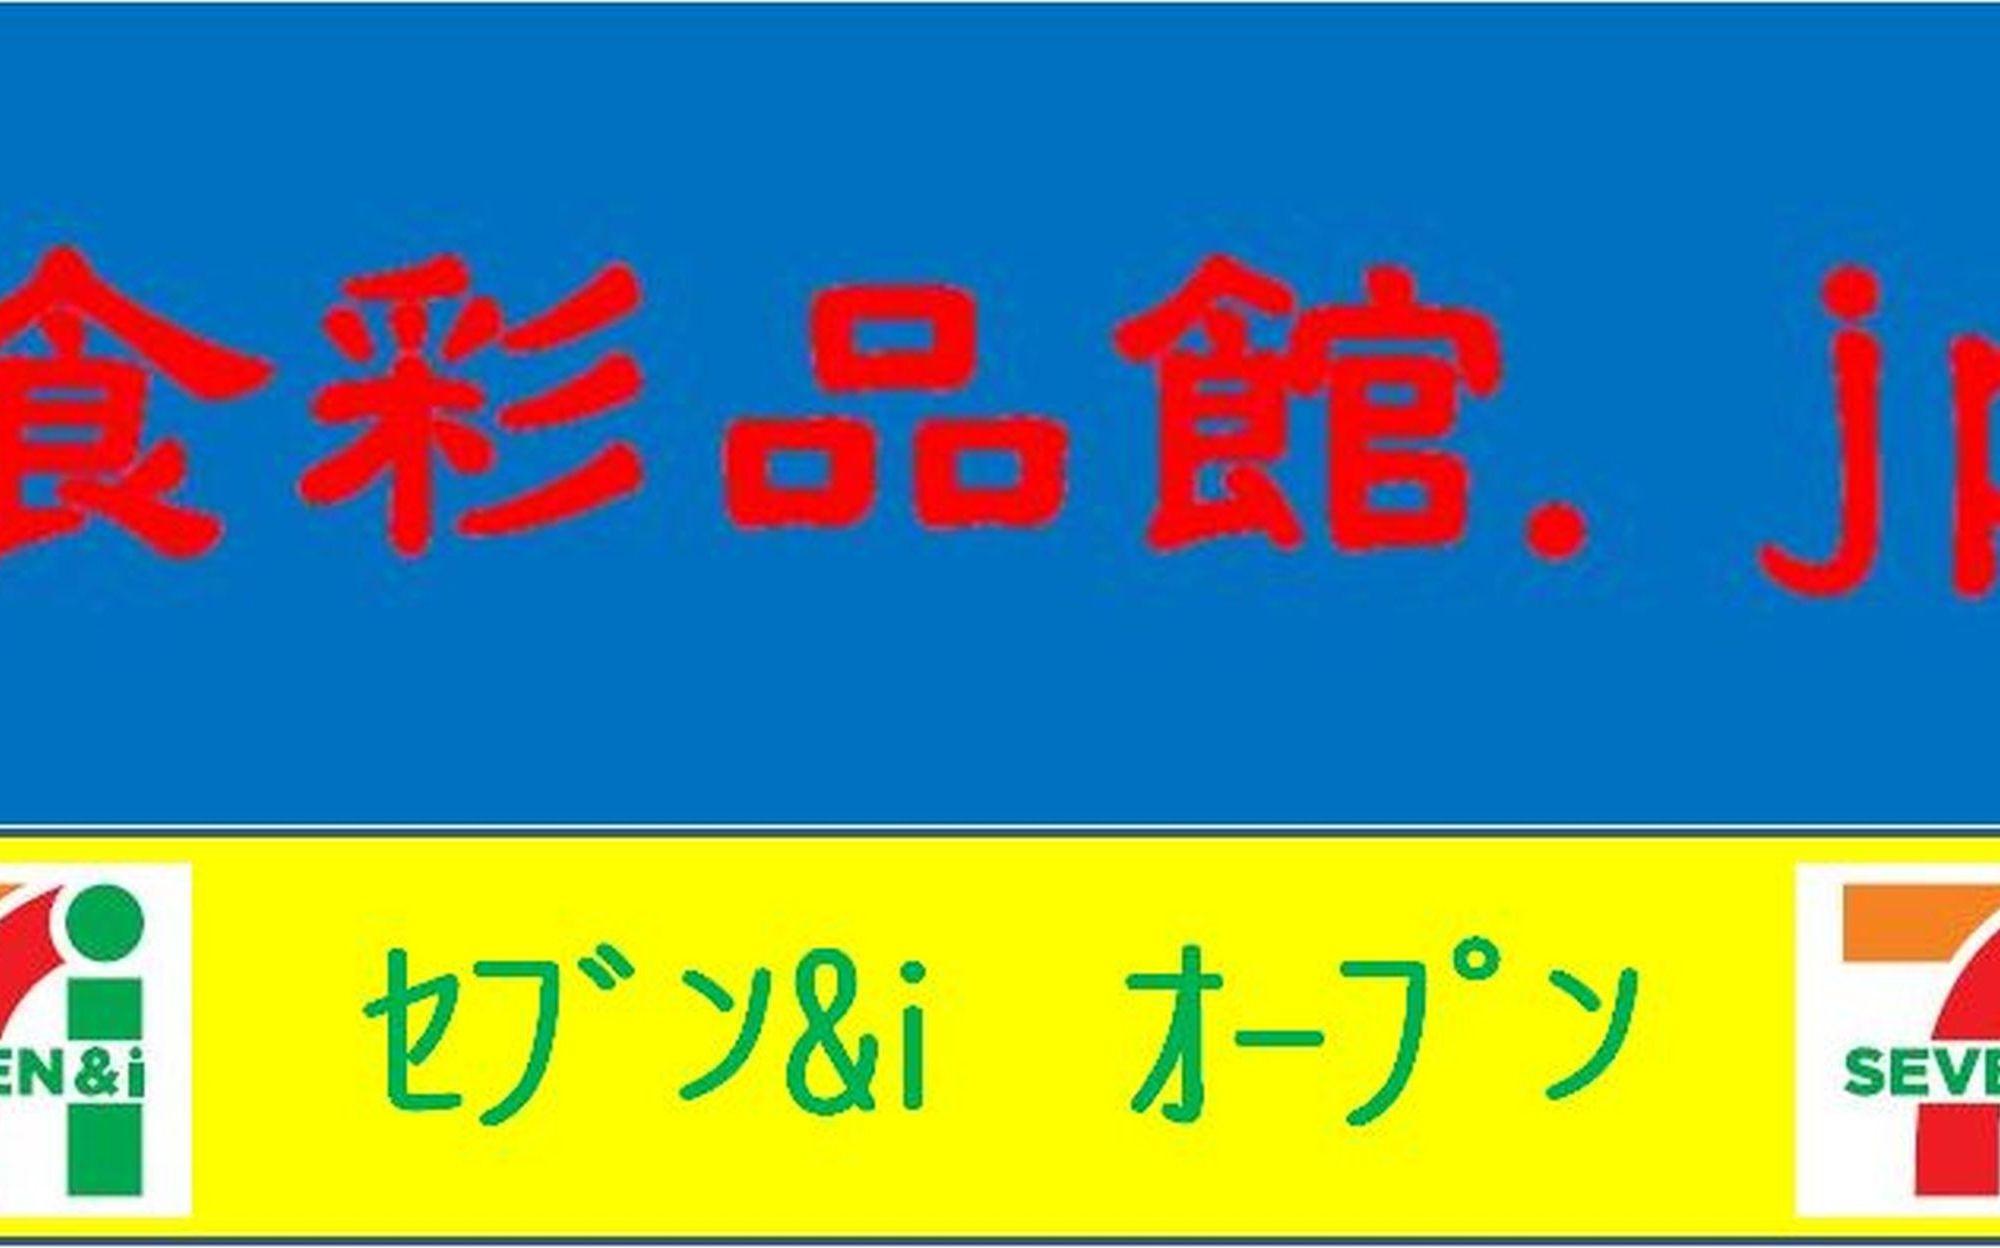 ヨークベニマル神町店(じんまち,山形県東根市)2019年9月27日オープン